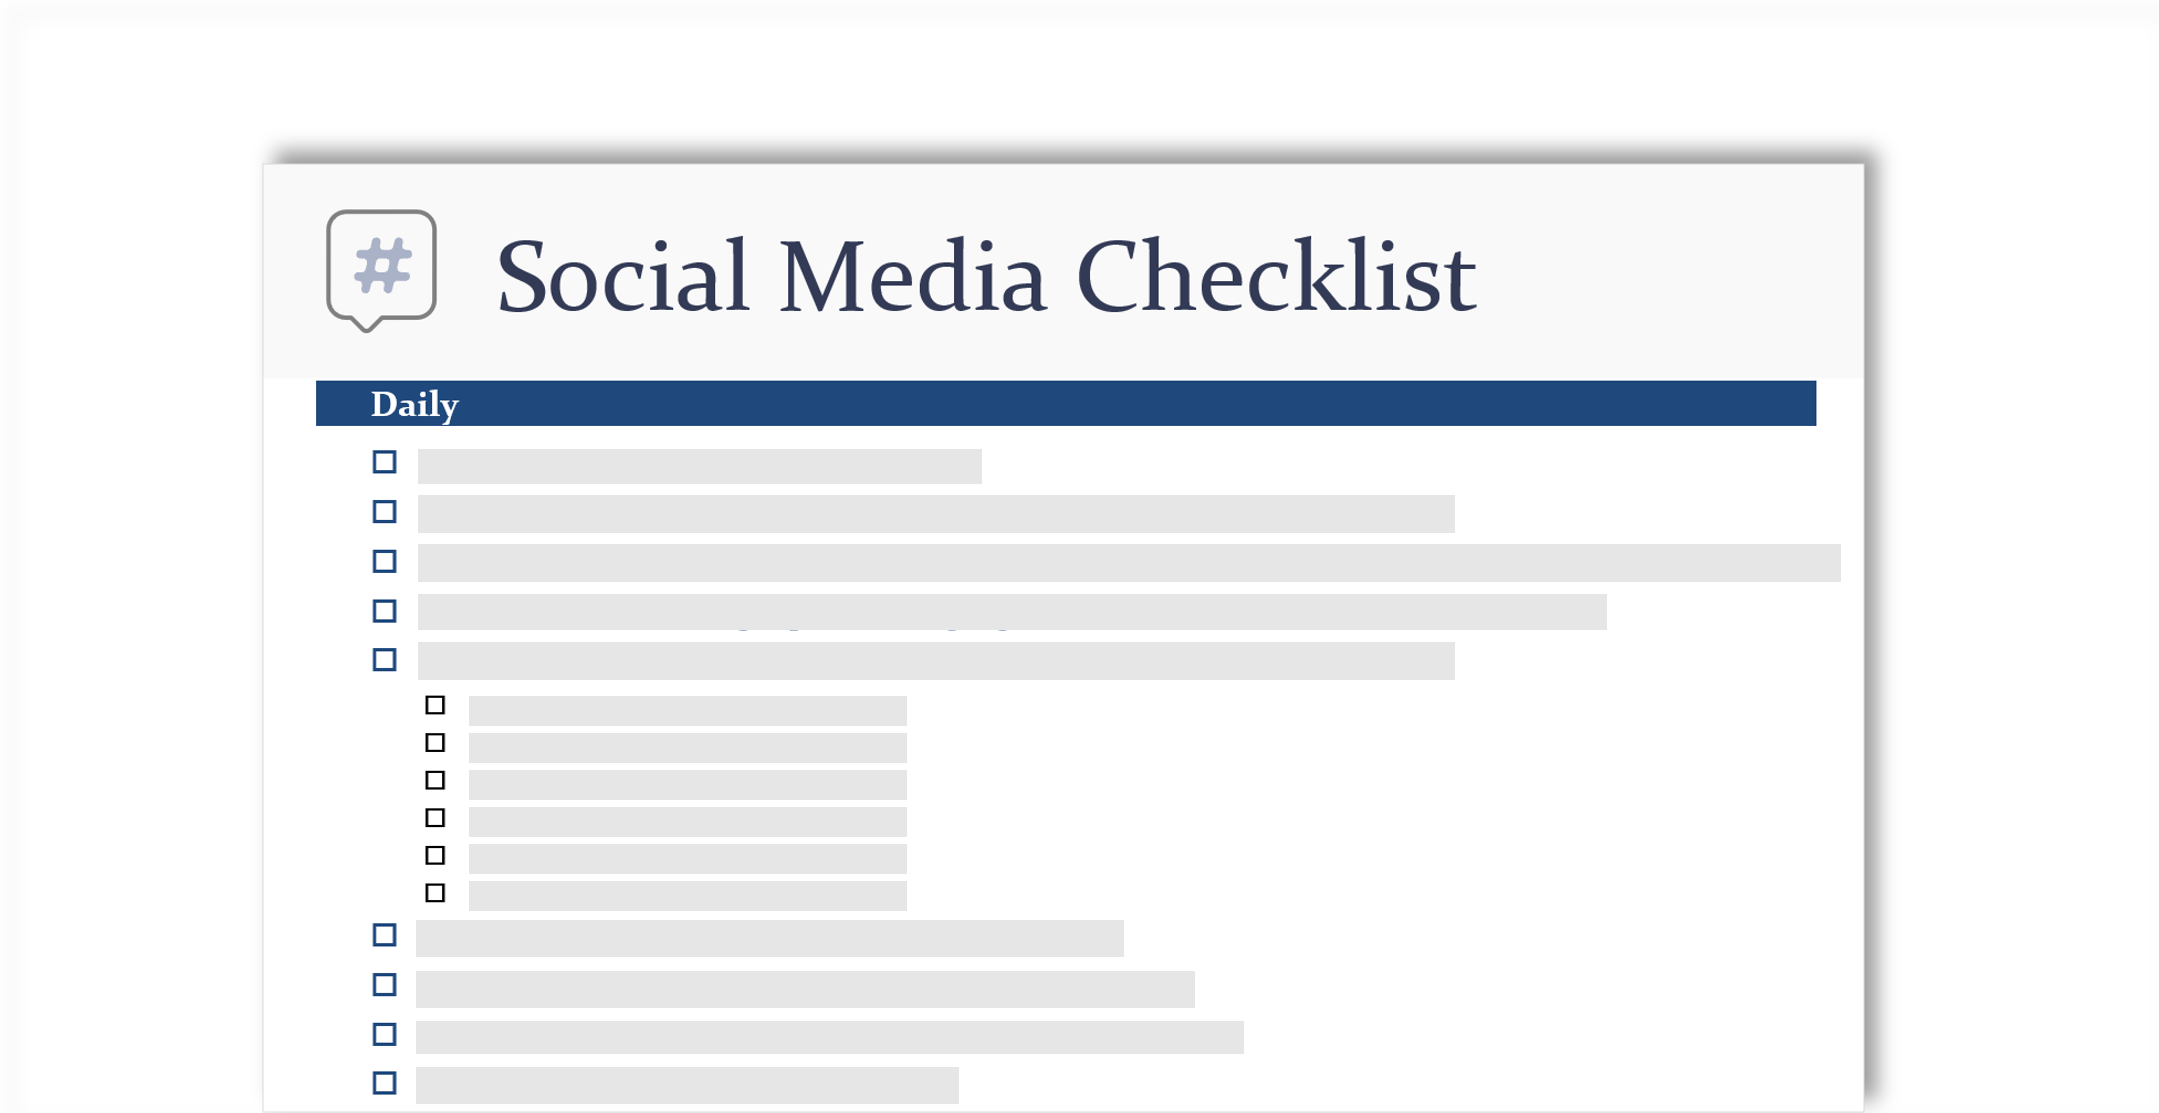 Imagen conceptual de una lista de comprobación de redes sociales